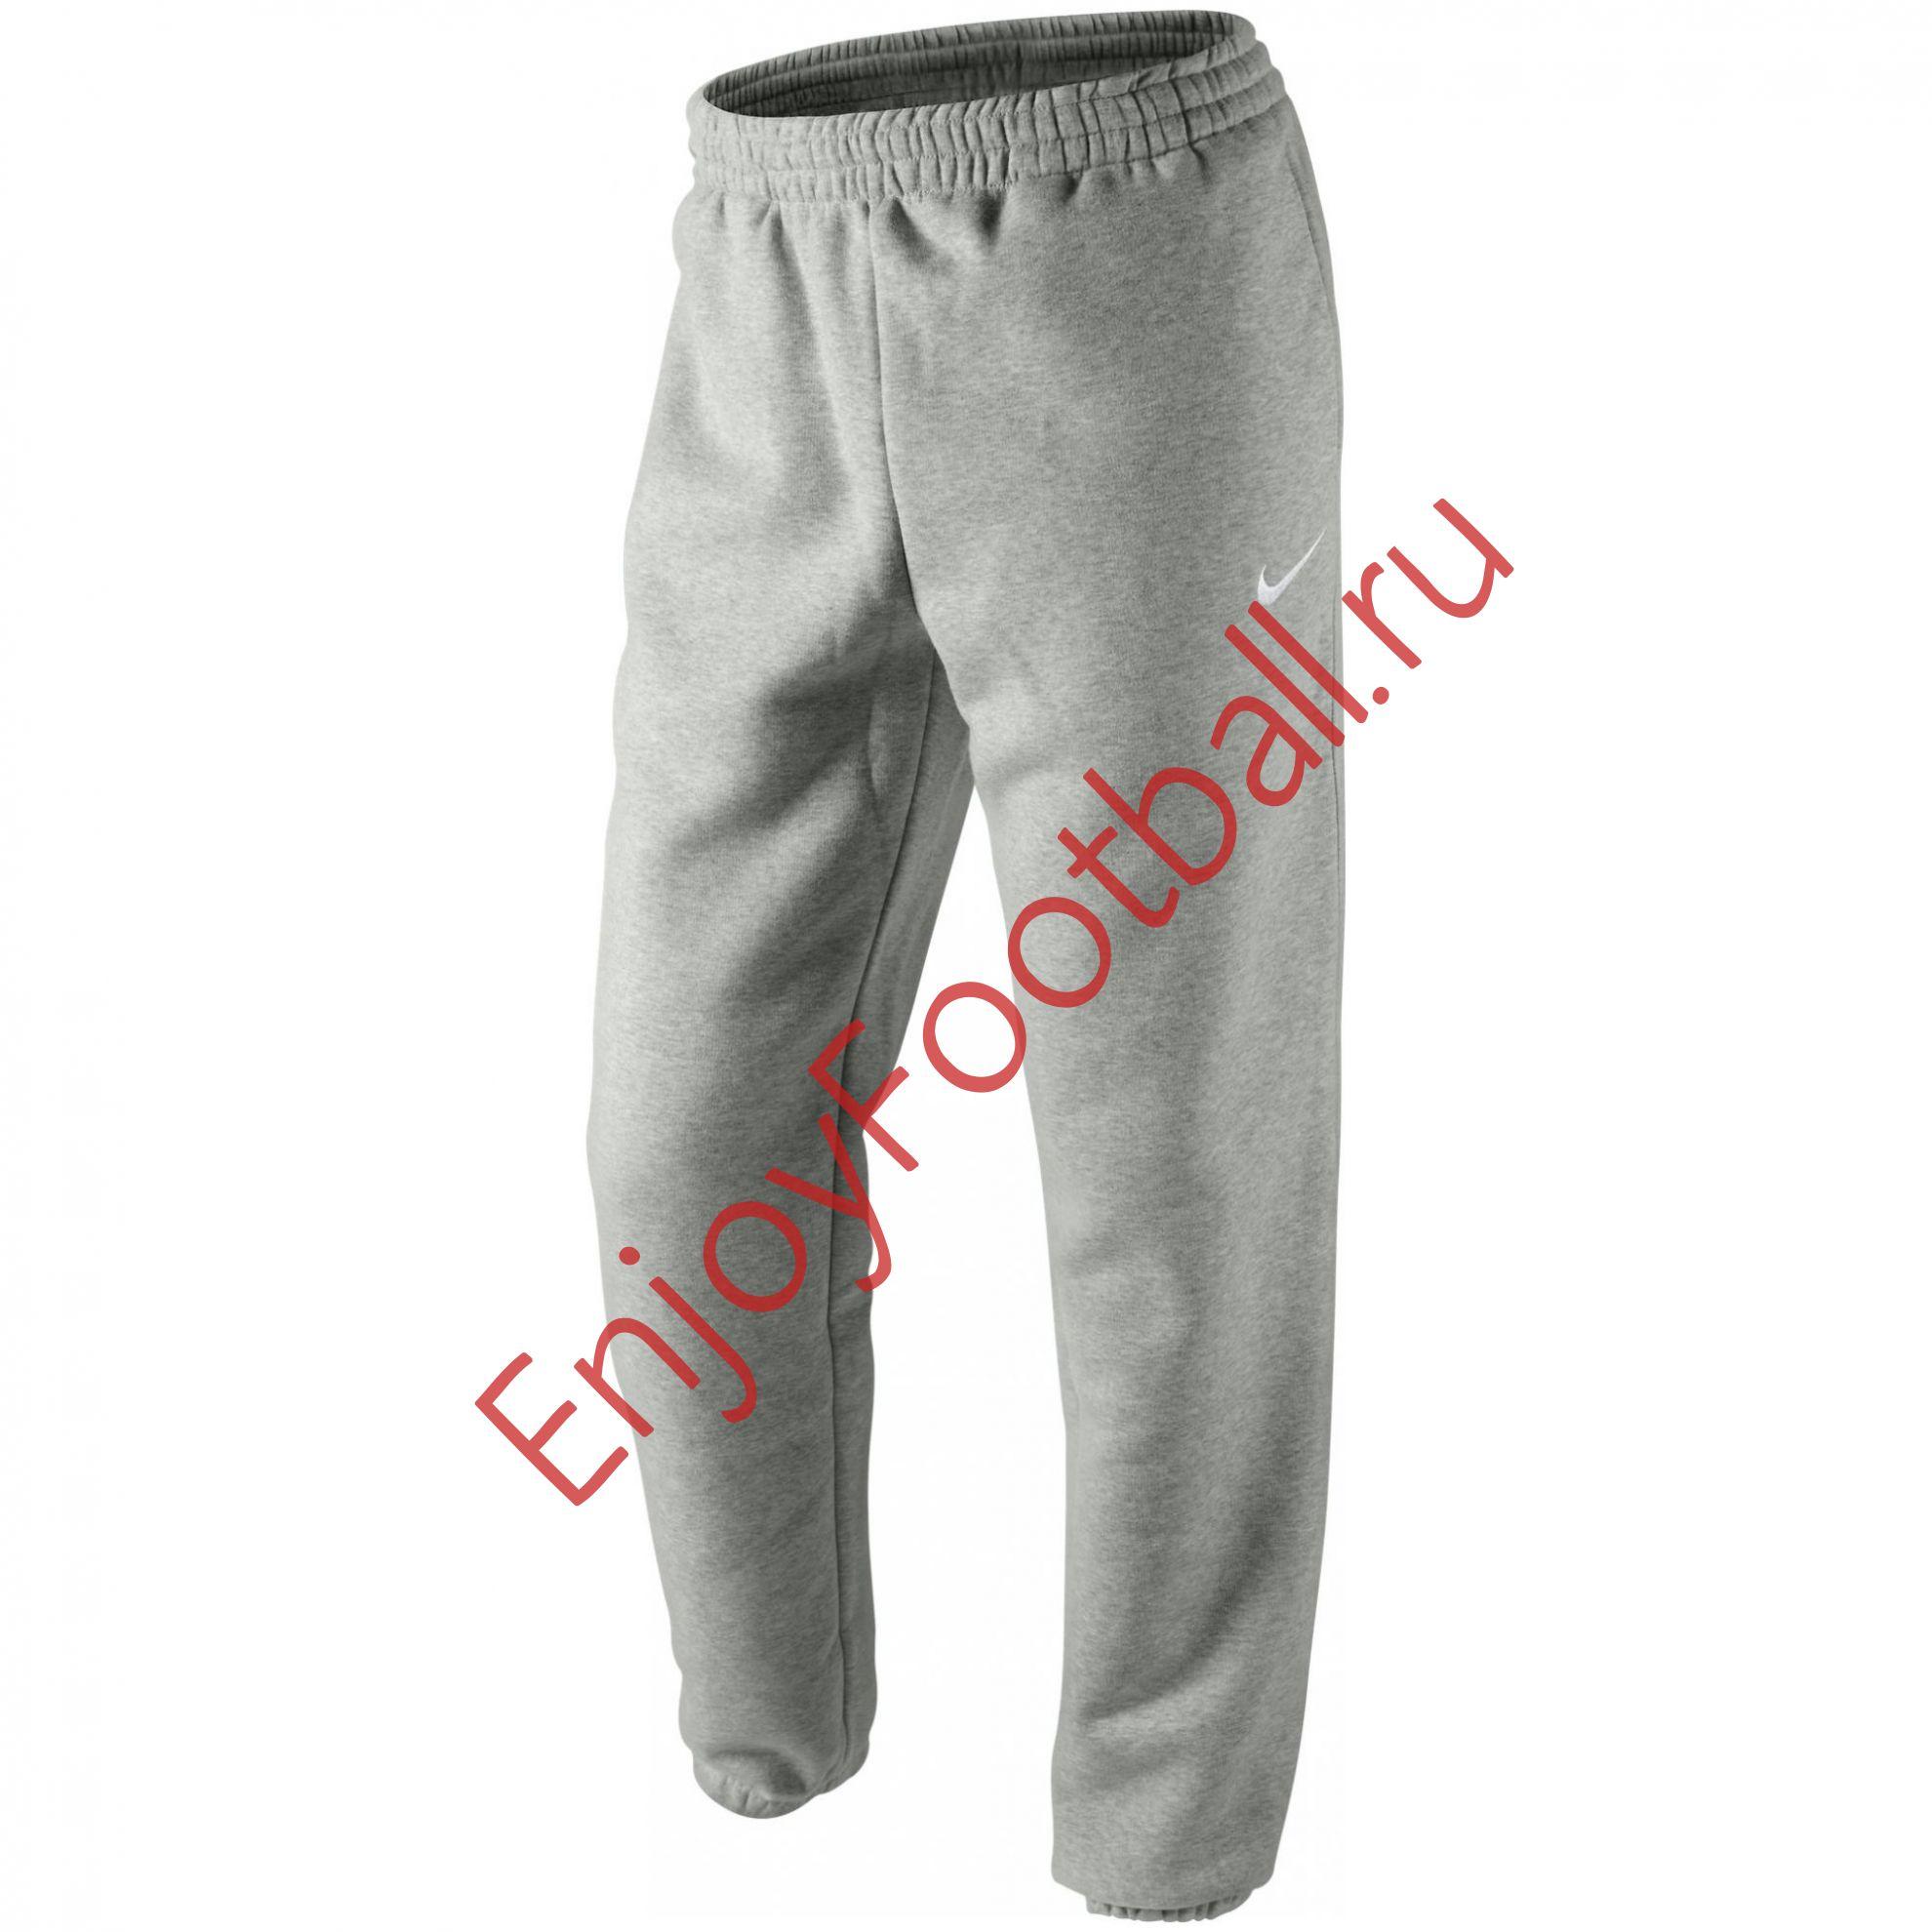 Штаны для тренировок NIKE TS FLEECE CUFF PANT 455800-050 купить в ... 815ab4b3d12